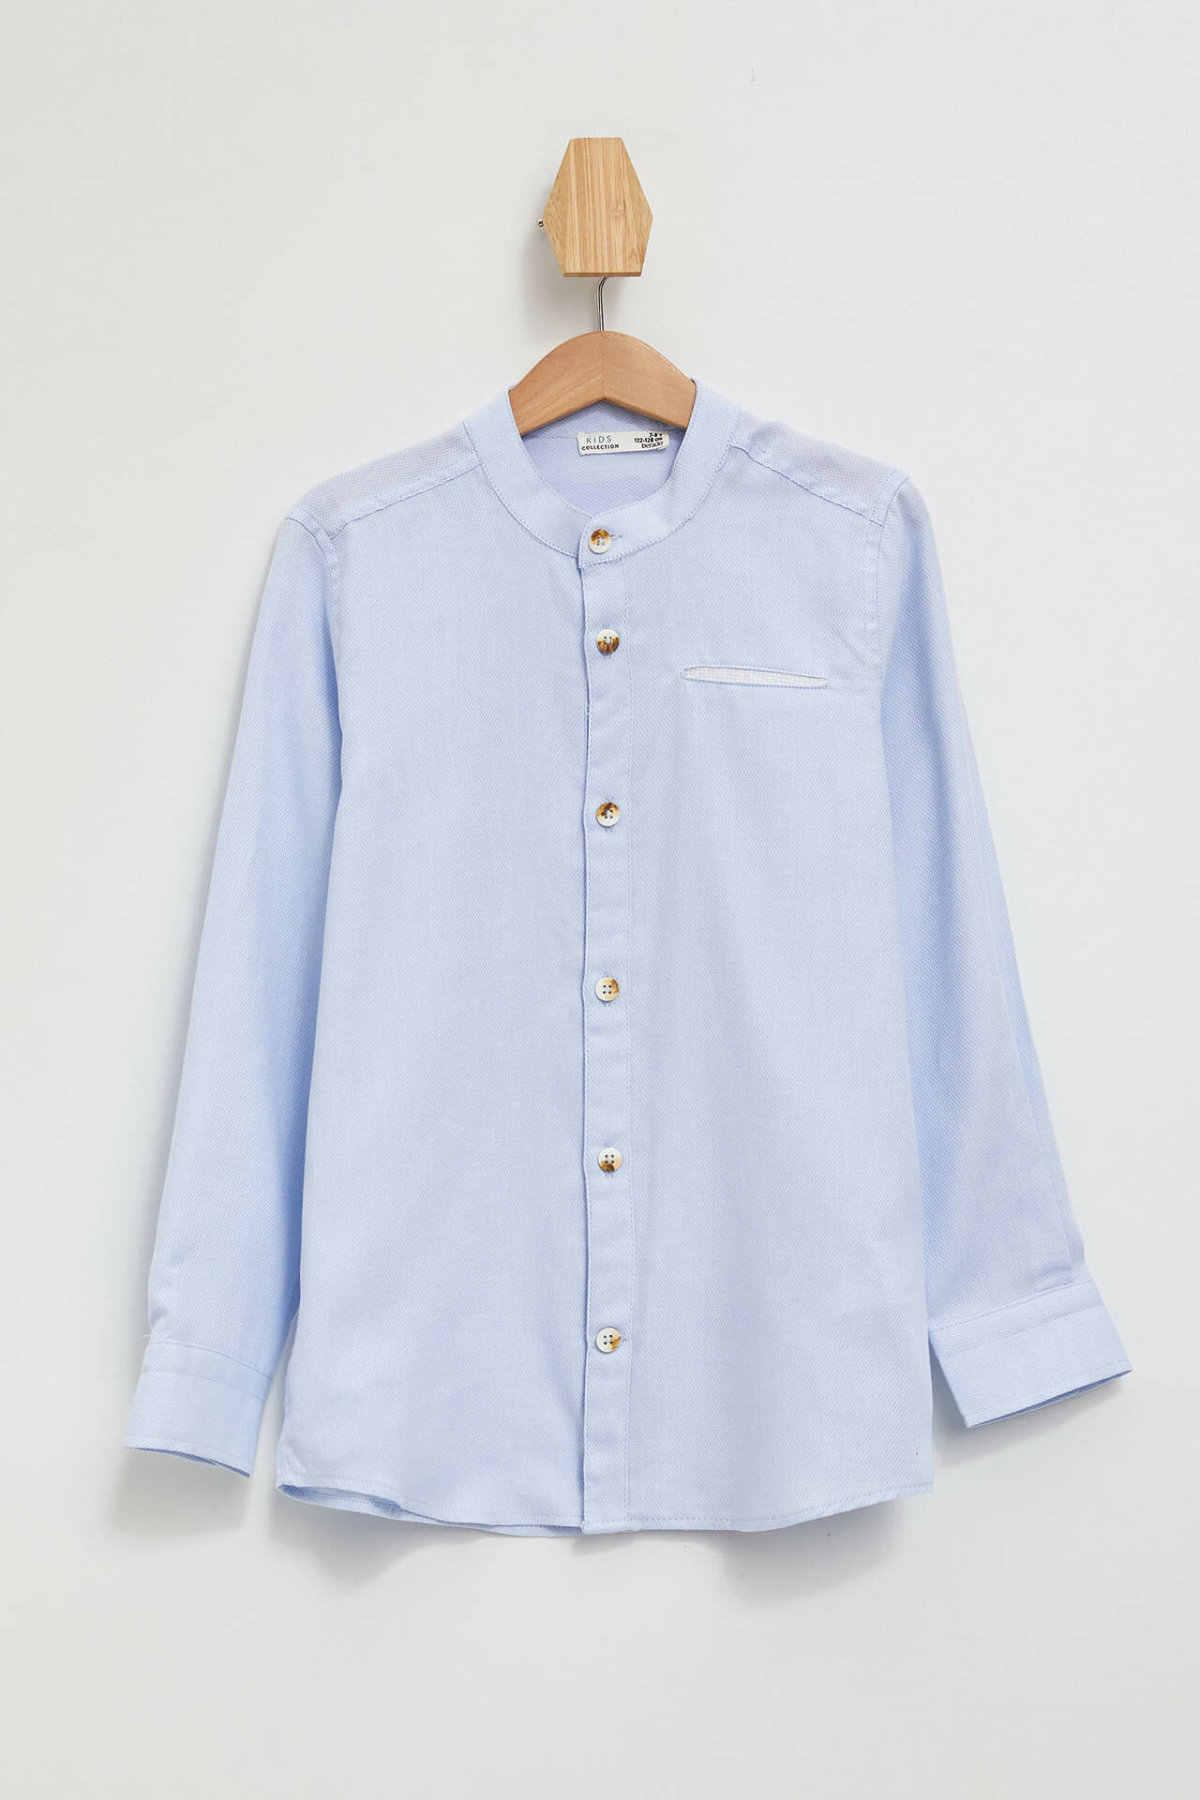 DeFacto אופנה ילד O-צוואר ארוך שרוול חולצה ילדים מקרית באיכות גבוהה חולצות בני נוחות טהור צבע Blousers סתיו-K9452A619AU